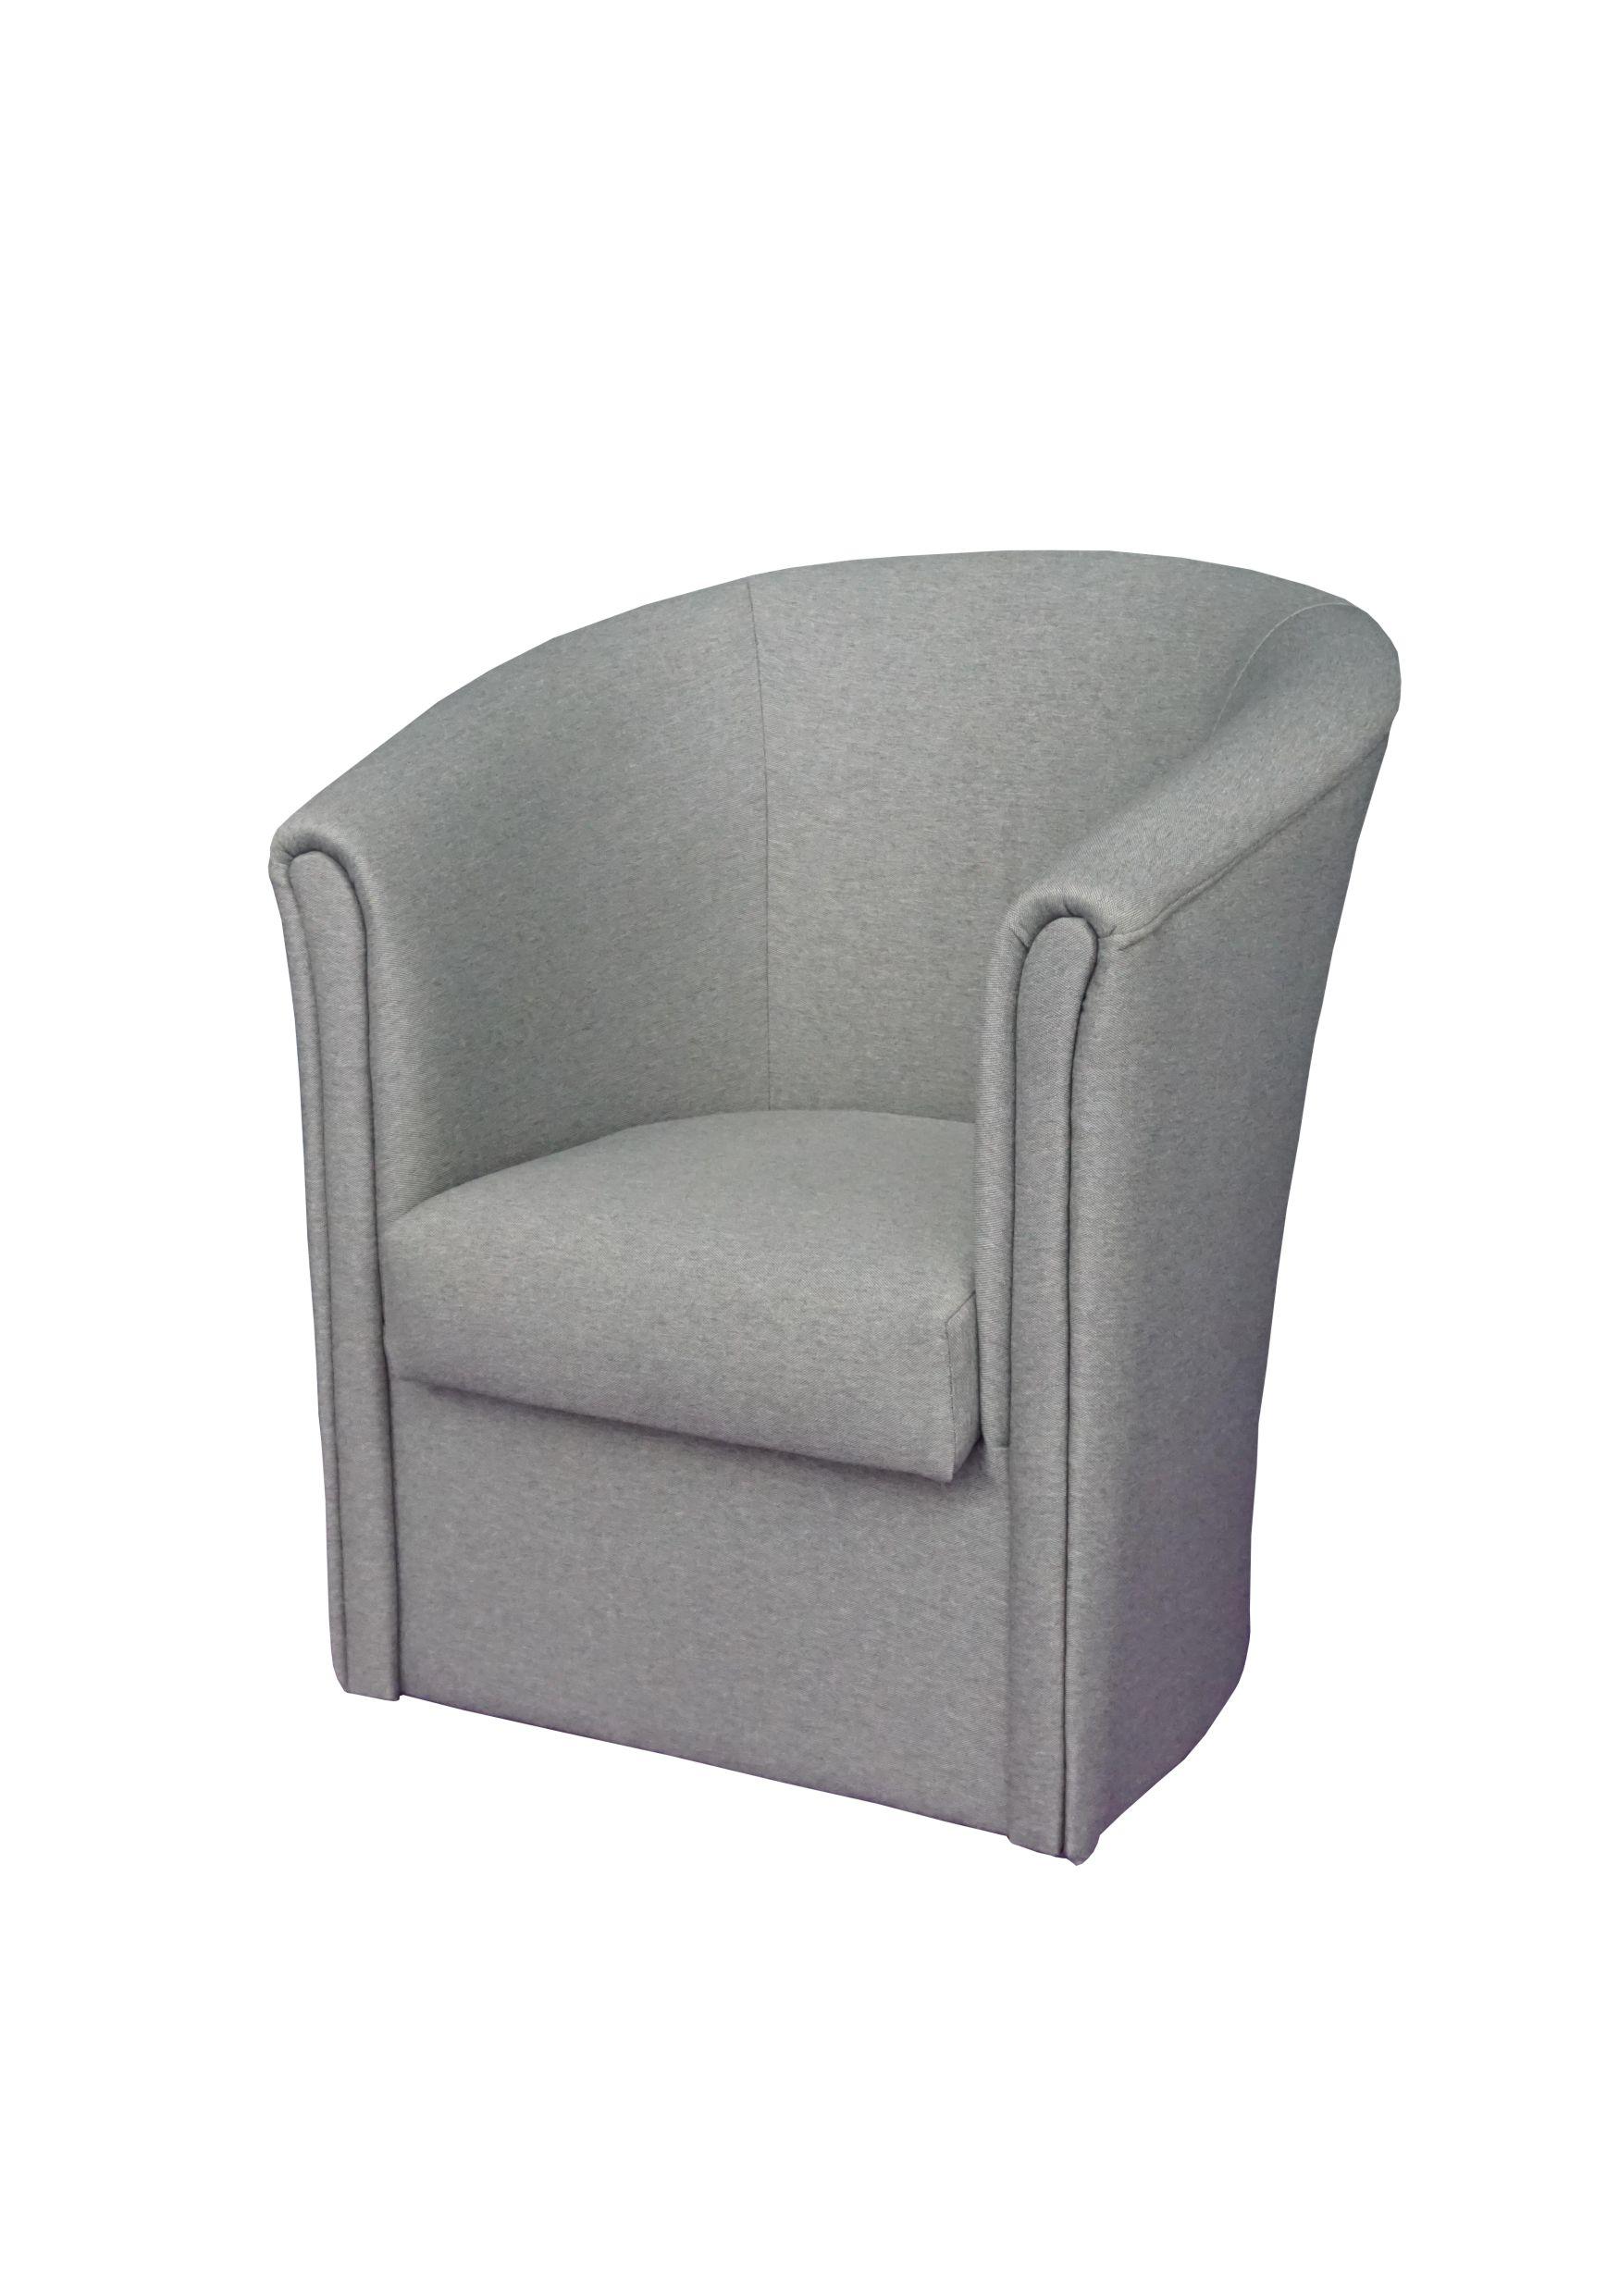 """Πολυθρόνα """"PETALO"""" υφασμάτινη σε γκρι χρώμα 76x70x83"""